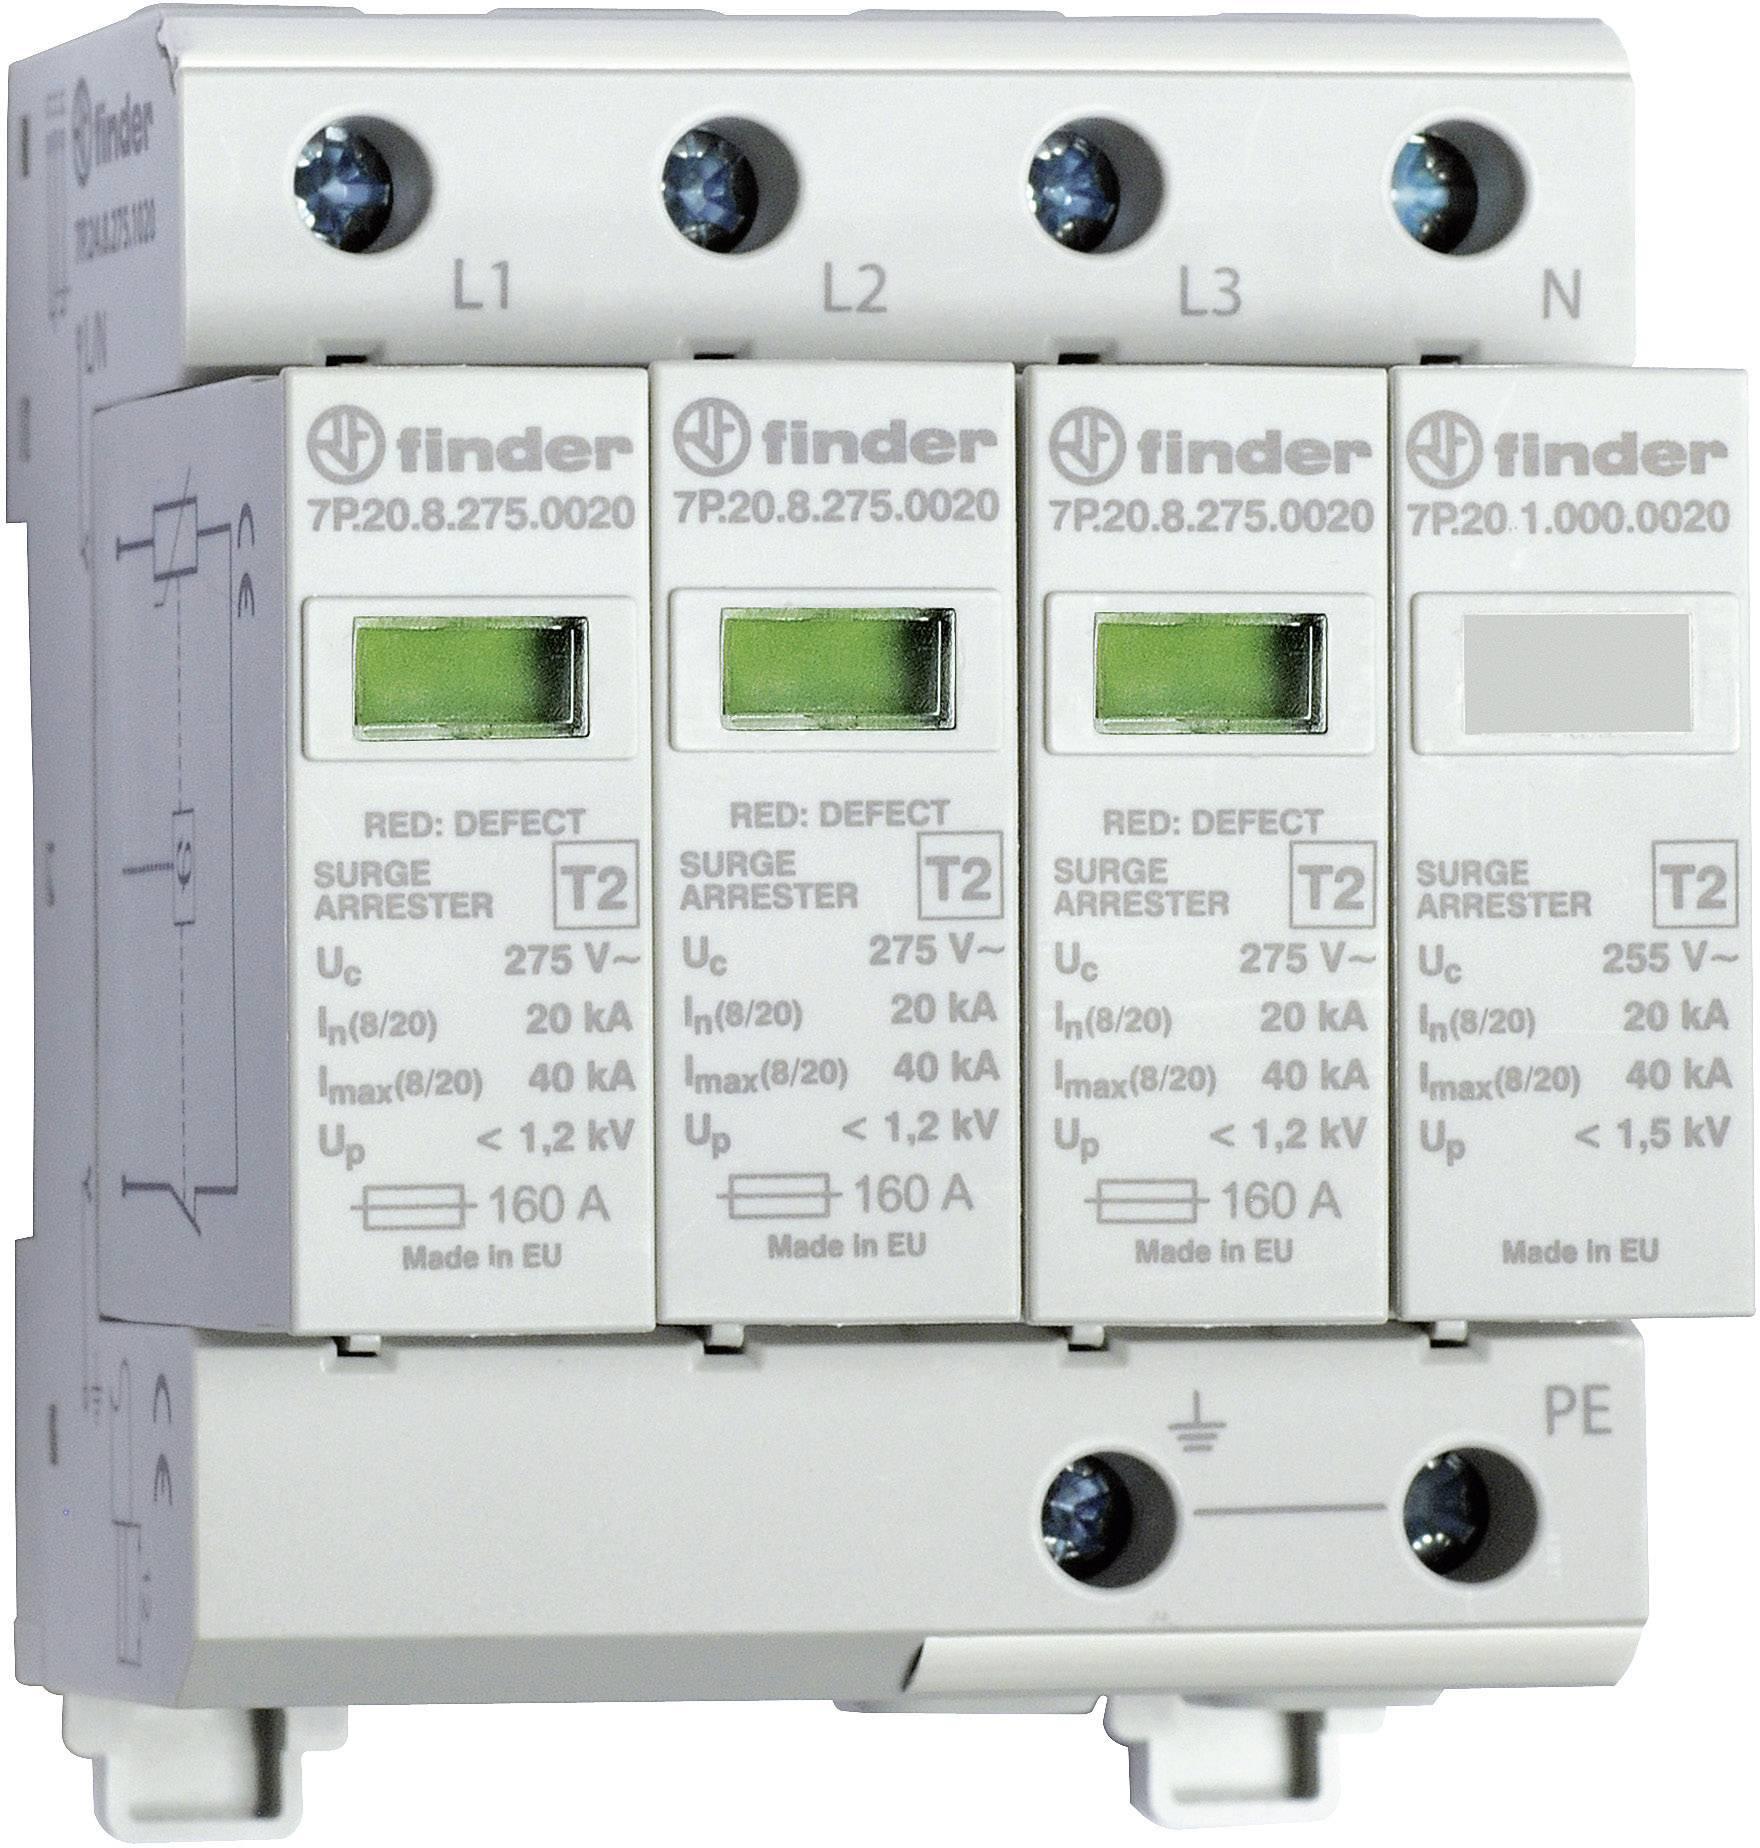 Zvodič pre prepäťovú ochranu Finder 7P.24.8.275.1020 7P.24.8.275.1020, 20 kA